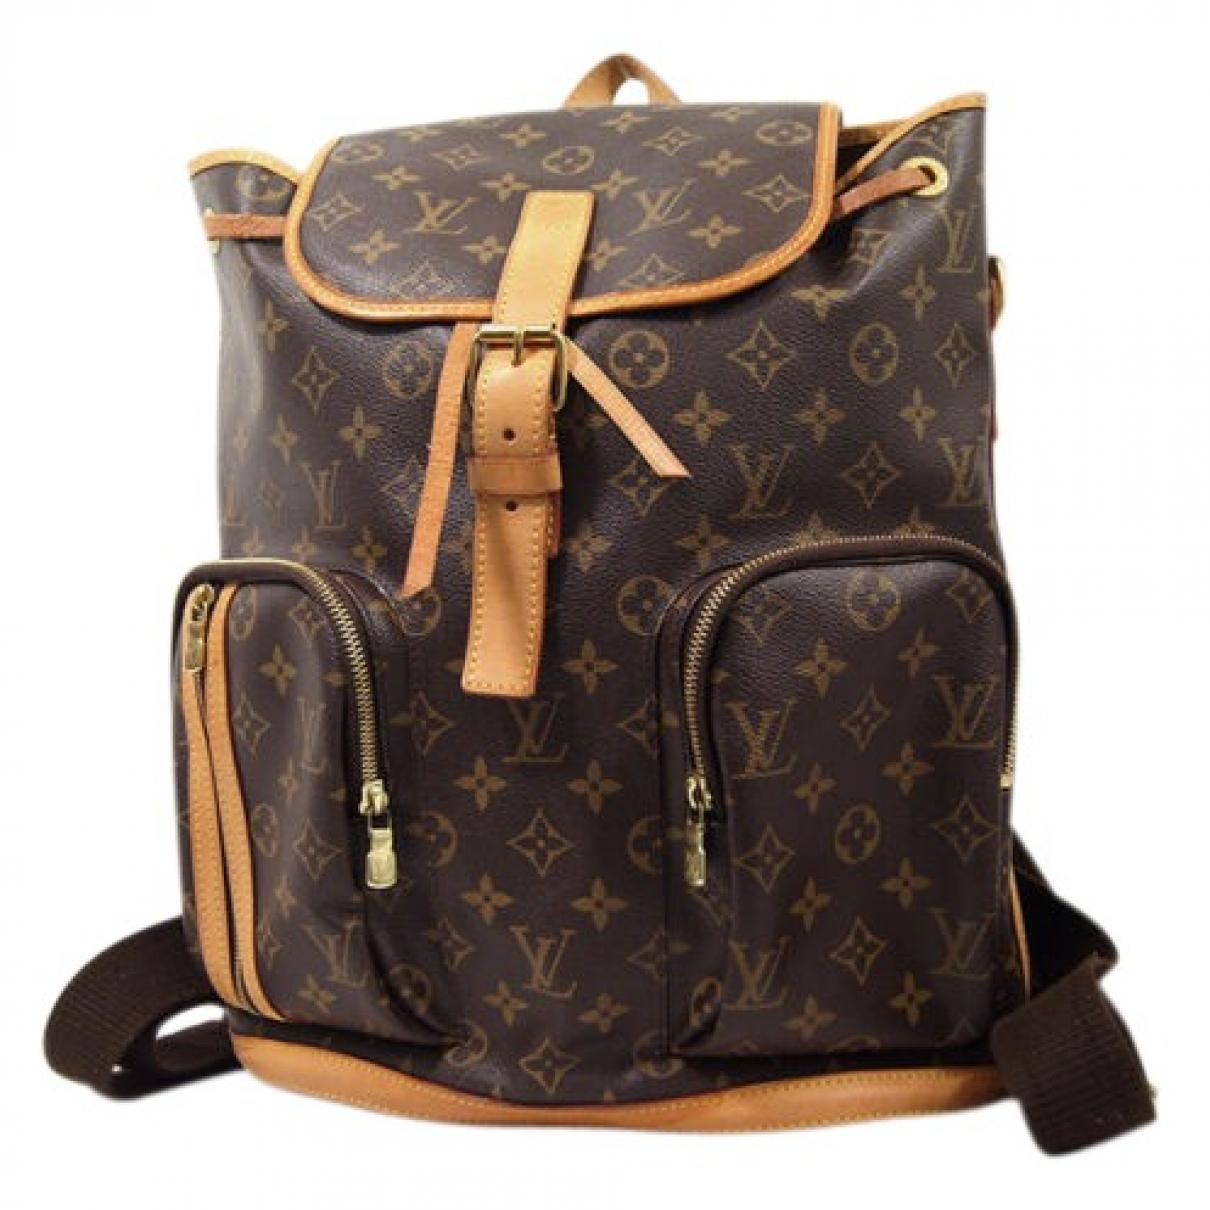 Mochila Bosphore Backpack de Lona Louis Vuitton